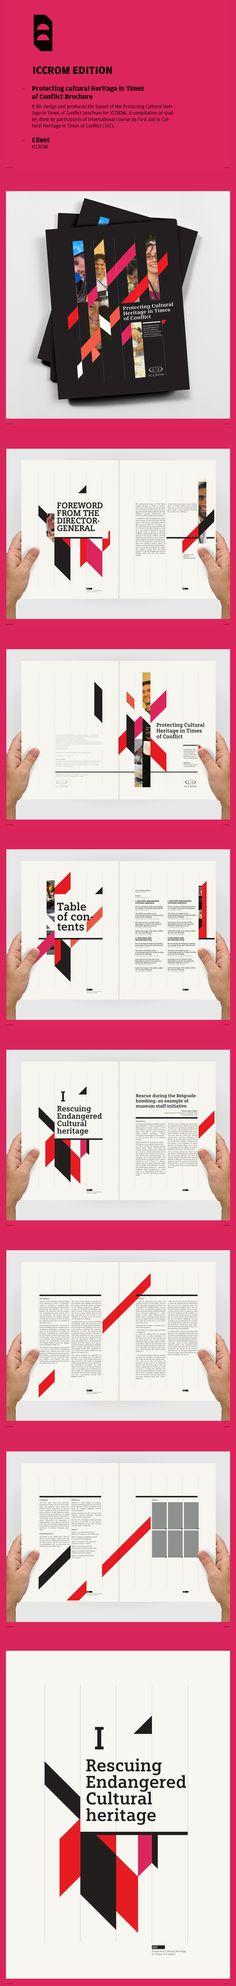 Print Moins Cher Imprimerie en ligne, pas cher et de qualité haut de gamme http://printmoinscher.fr/plaquette-depliant-couleur-1-pli-2-volets/629-plaquette-depliant-couleur-2-volets-10x20-cm.html